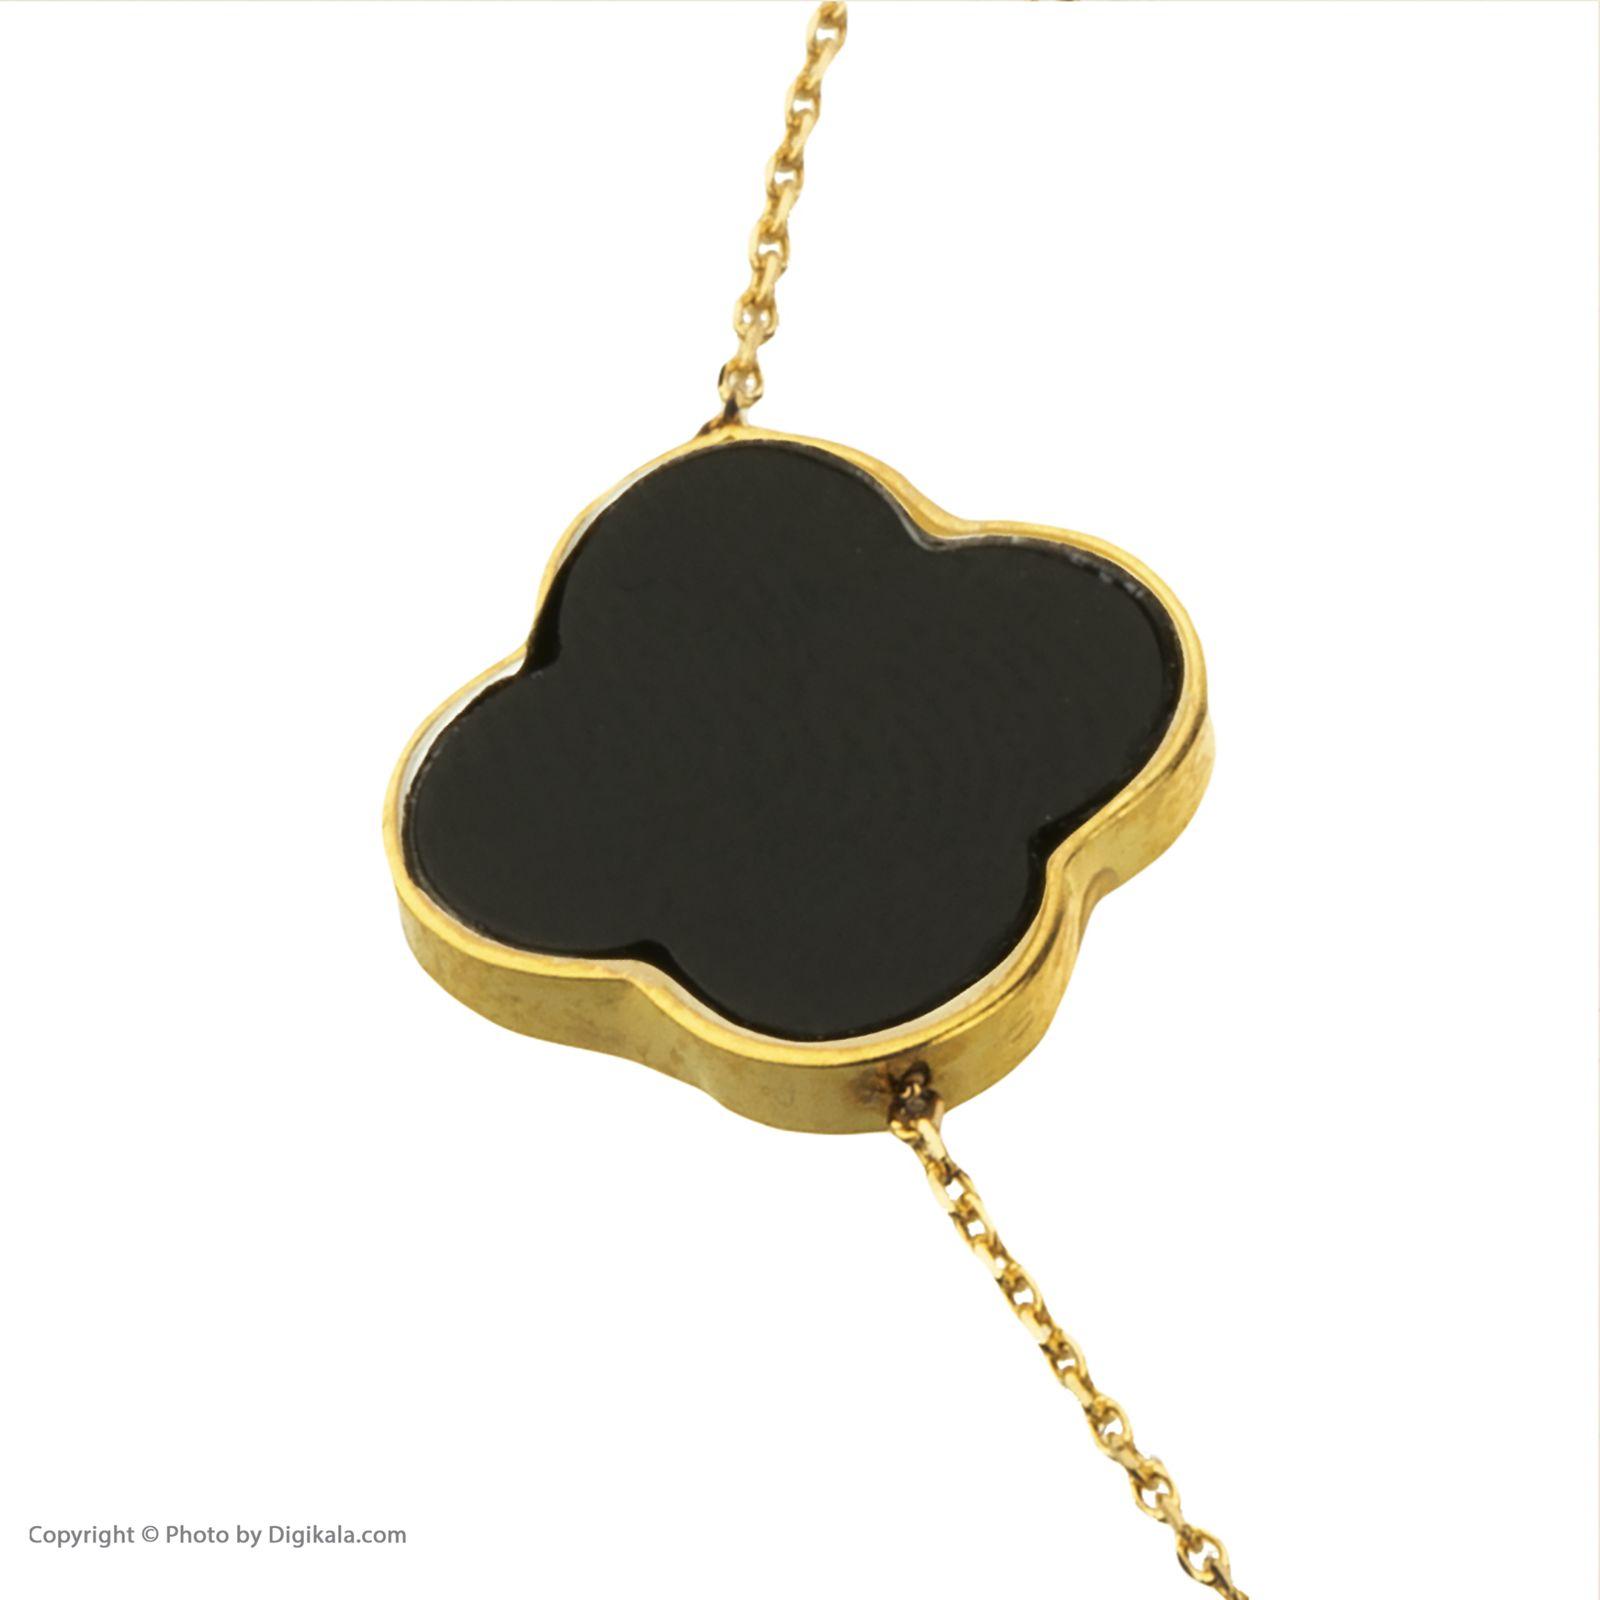 دستبند طلا 18 عیار زنانه میو گلد مدل GD626 -  - 6